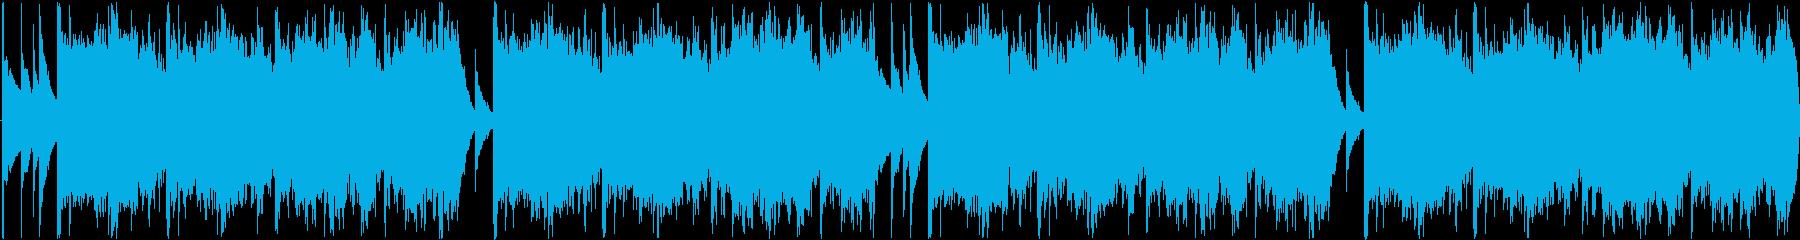 インパクトあるトラディショナルなJazzの再生済みの波形